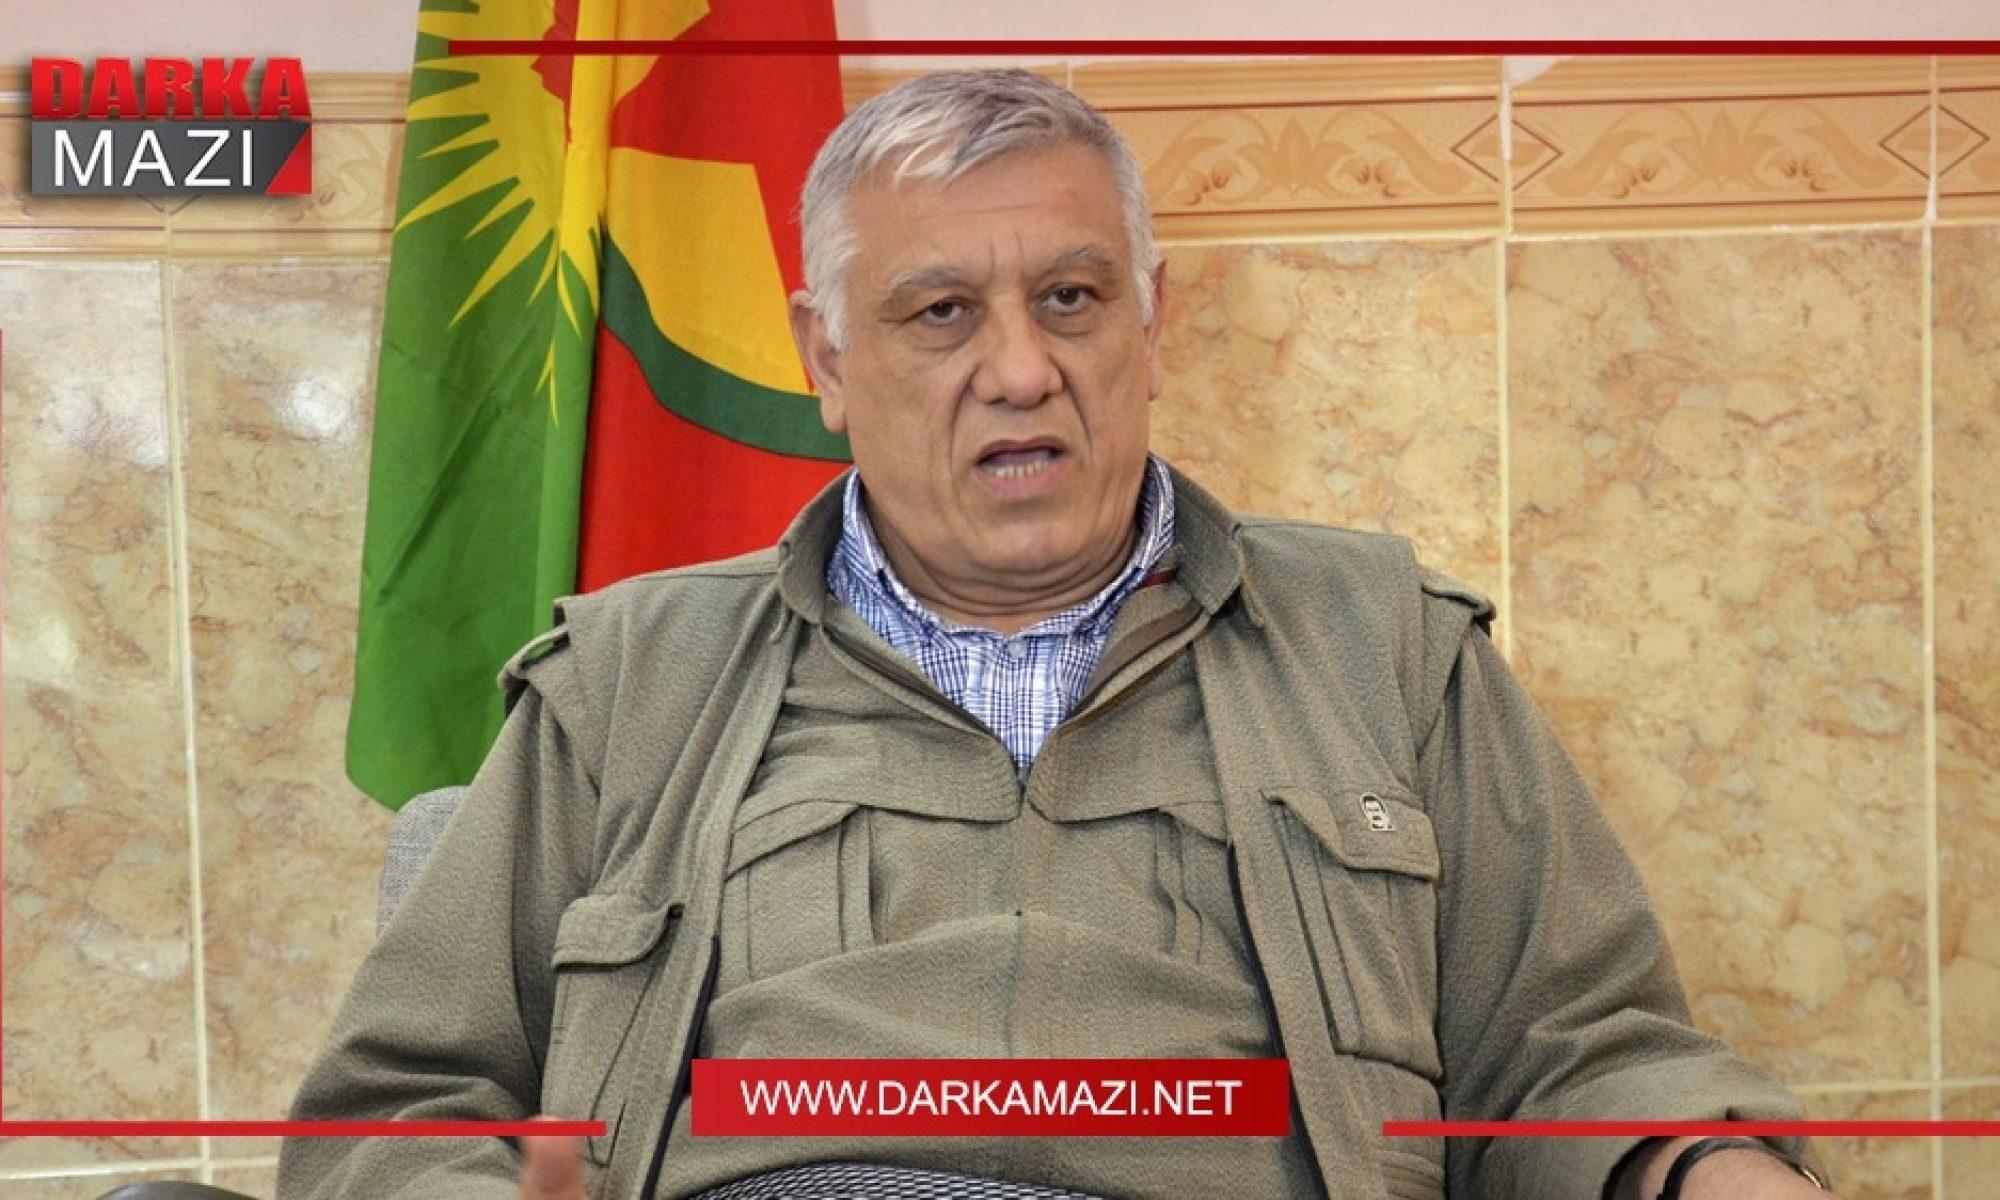 Cemil Bayık Kürdistan Bölgesel Yönetimine karşı savaş kararını tekrarladı, MedyaNews